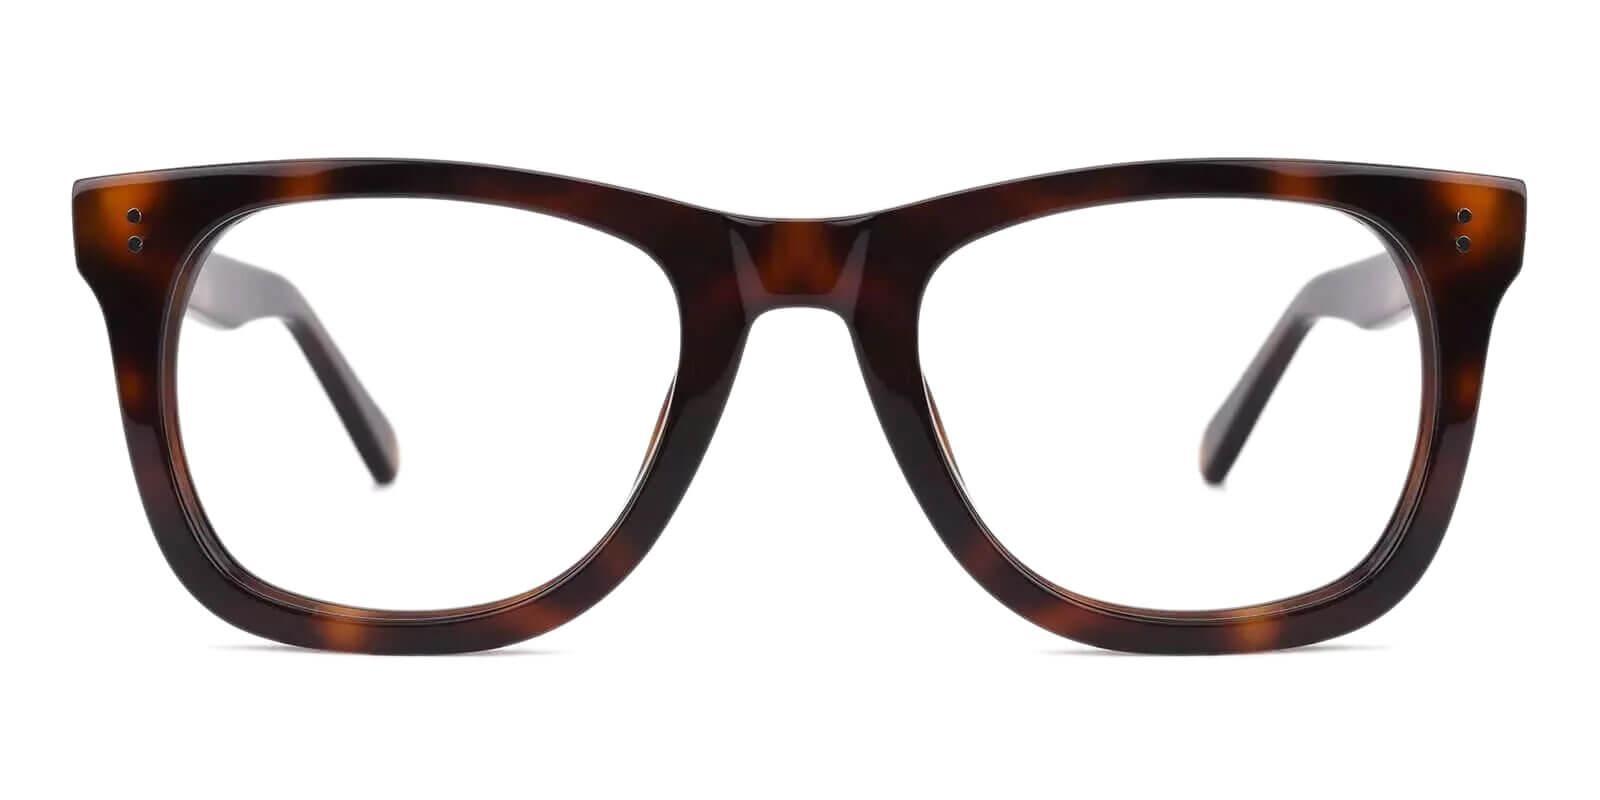 Dean Tortoise Acetate Eyeglasses , UniversalBridgeFit Frames from ABBE Glasses